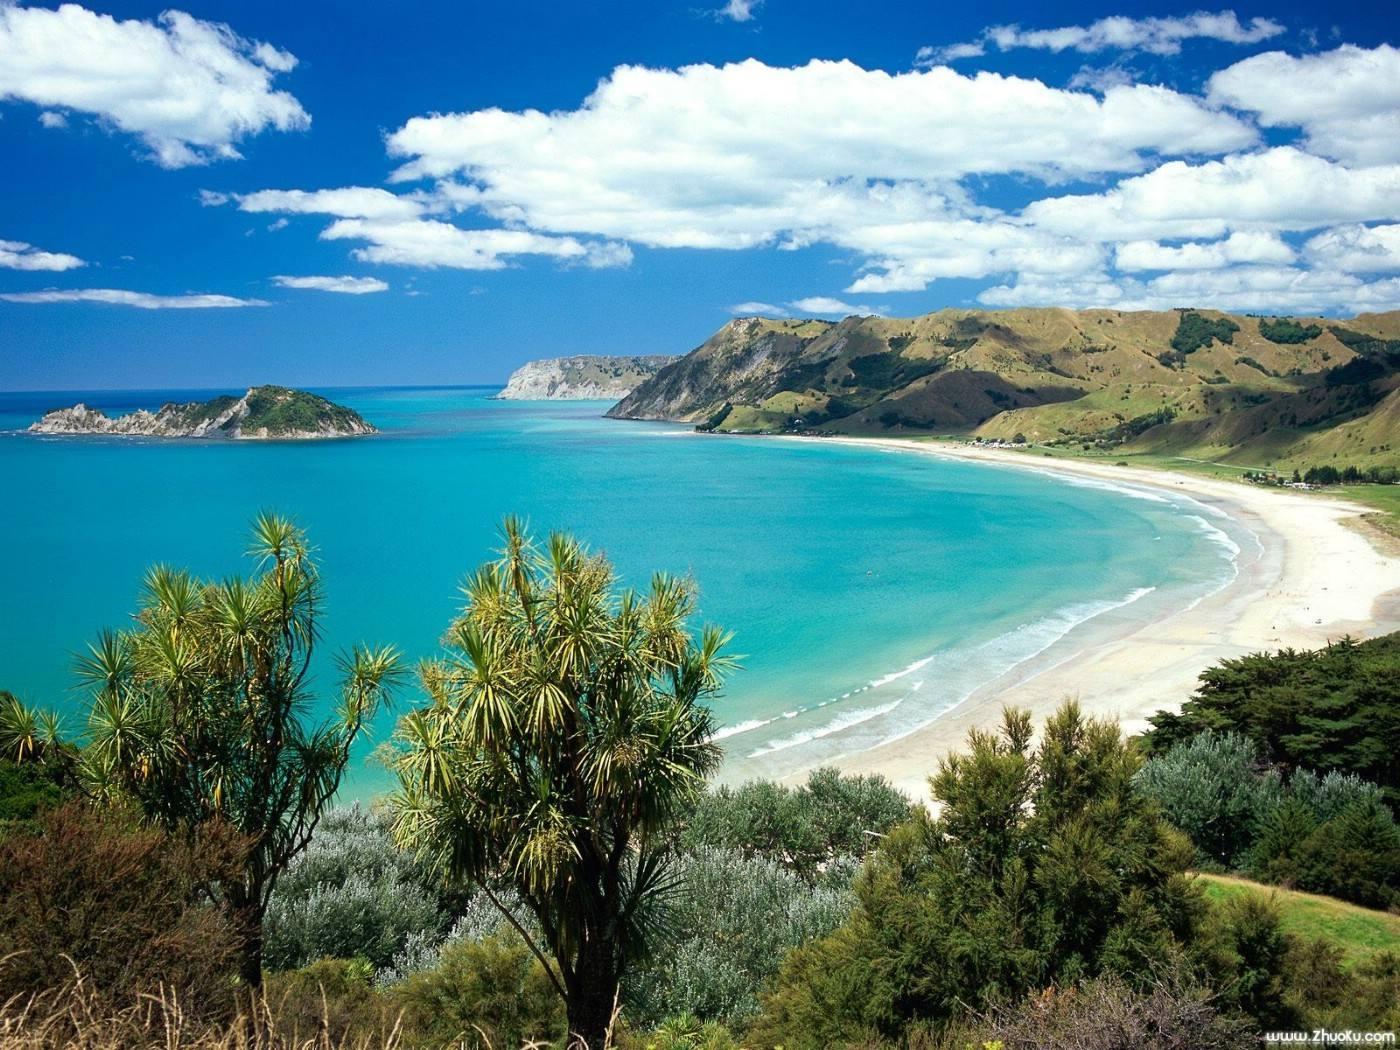 新西兰留学申请条件,新西兰留学申请优势,新西兰留学条件,新西兰留学优势